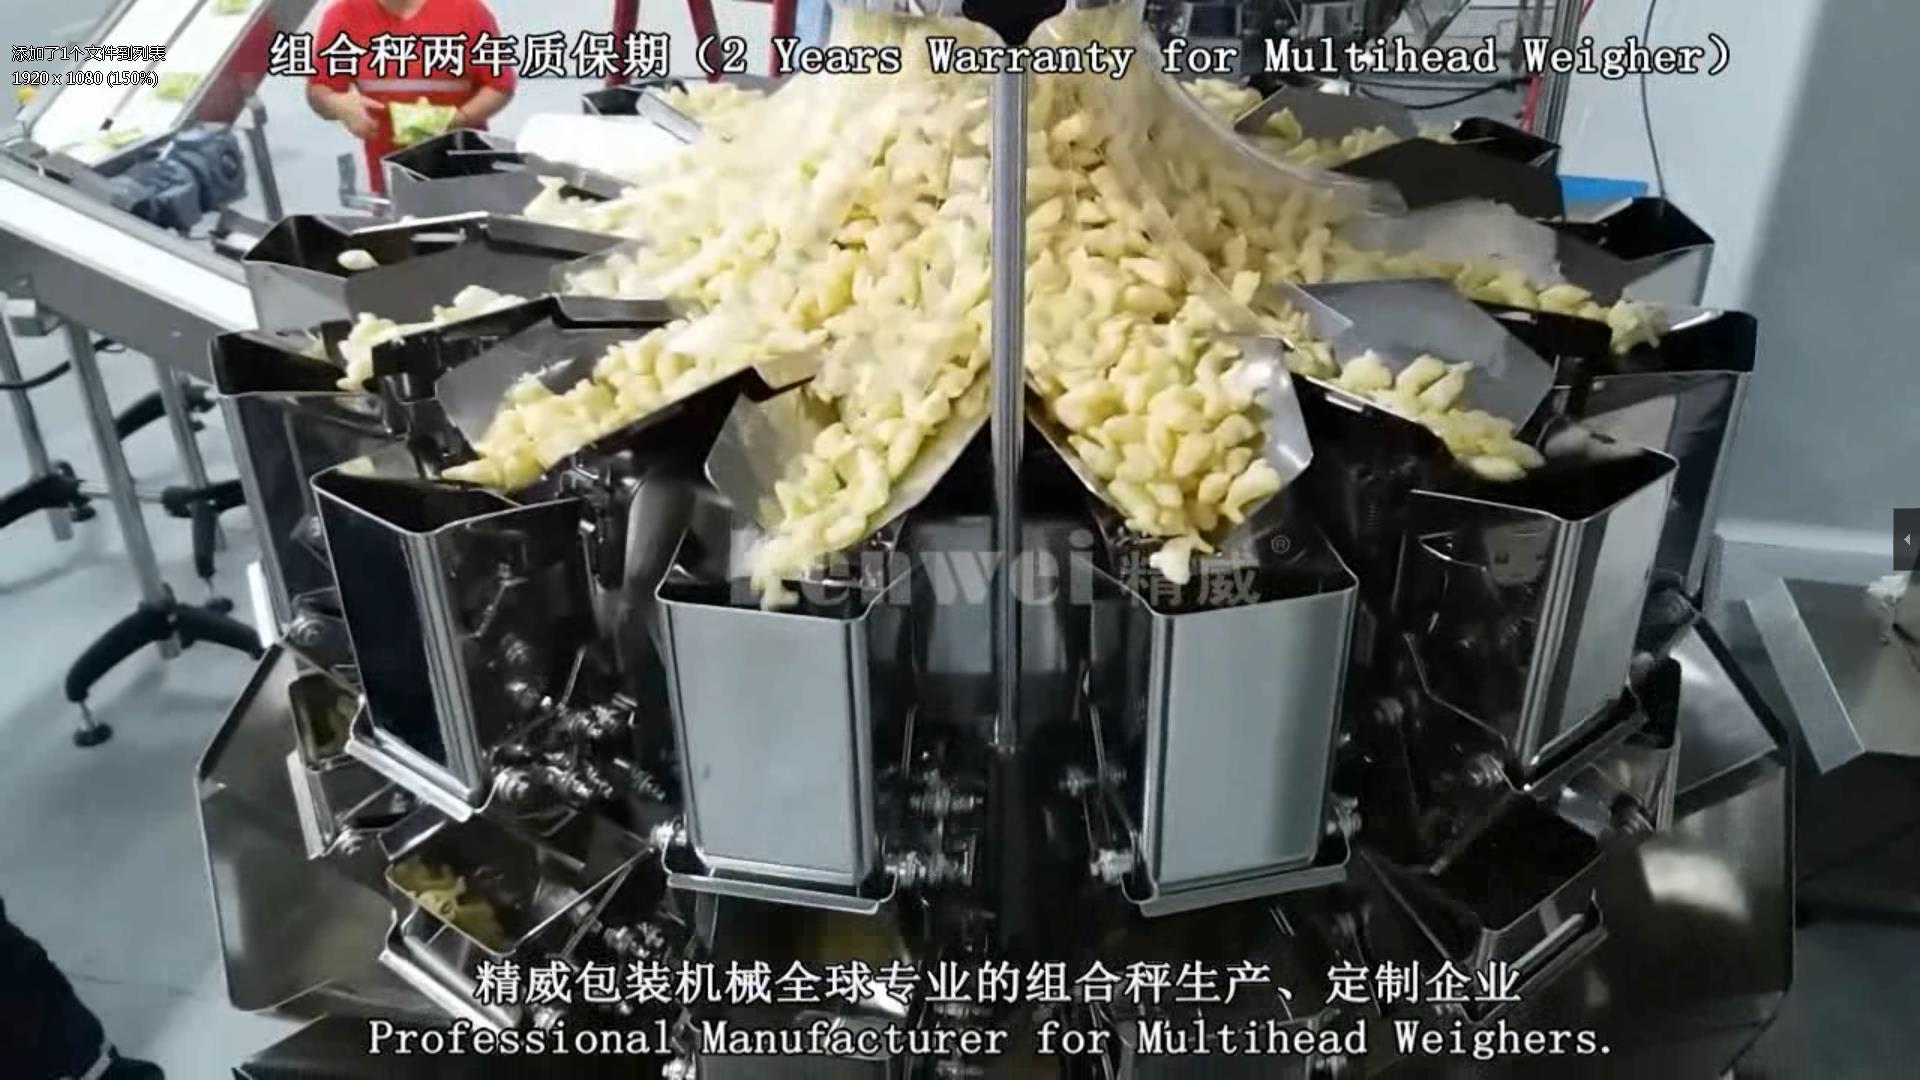 El peso de los alimentos heavy video